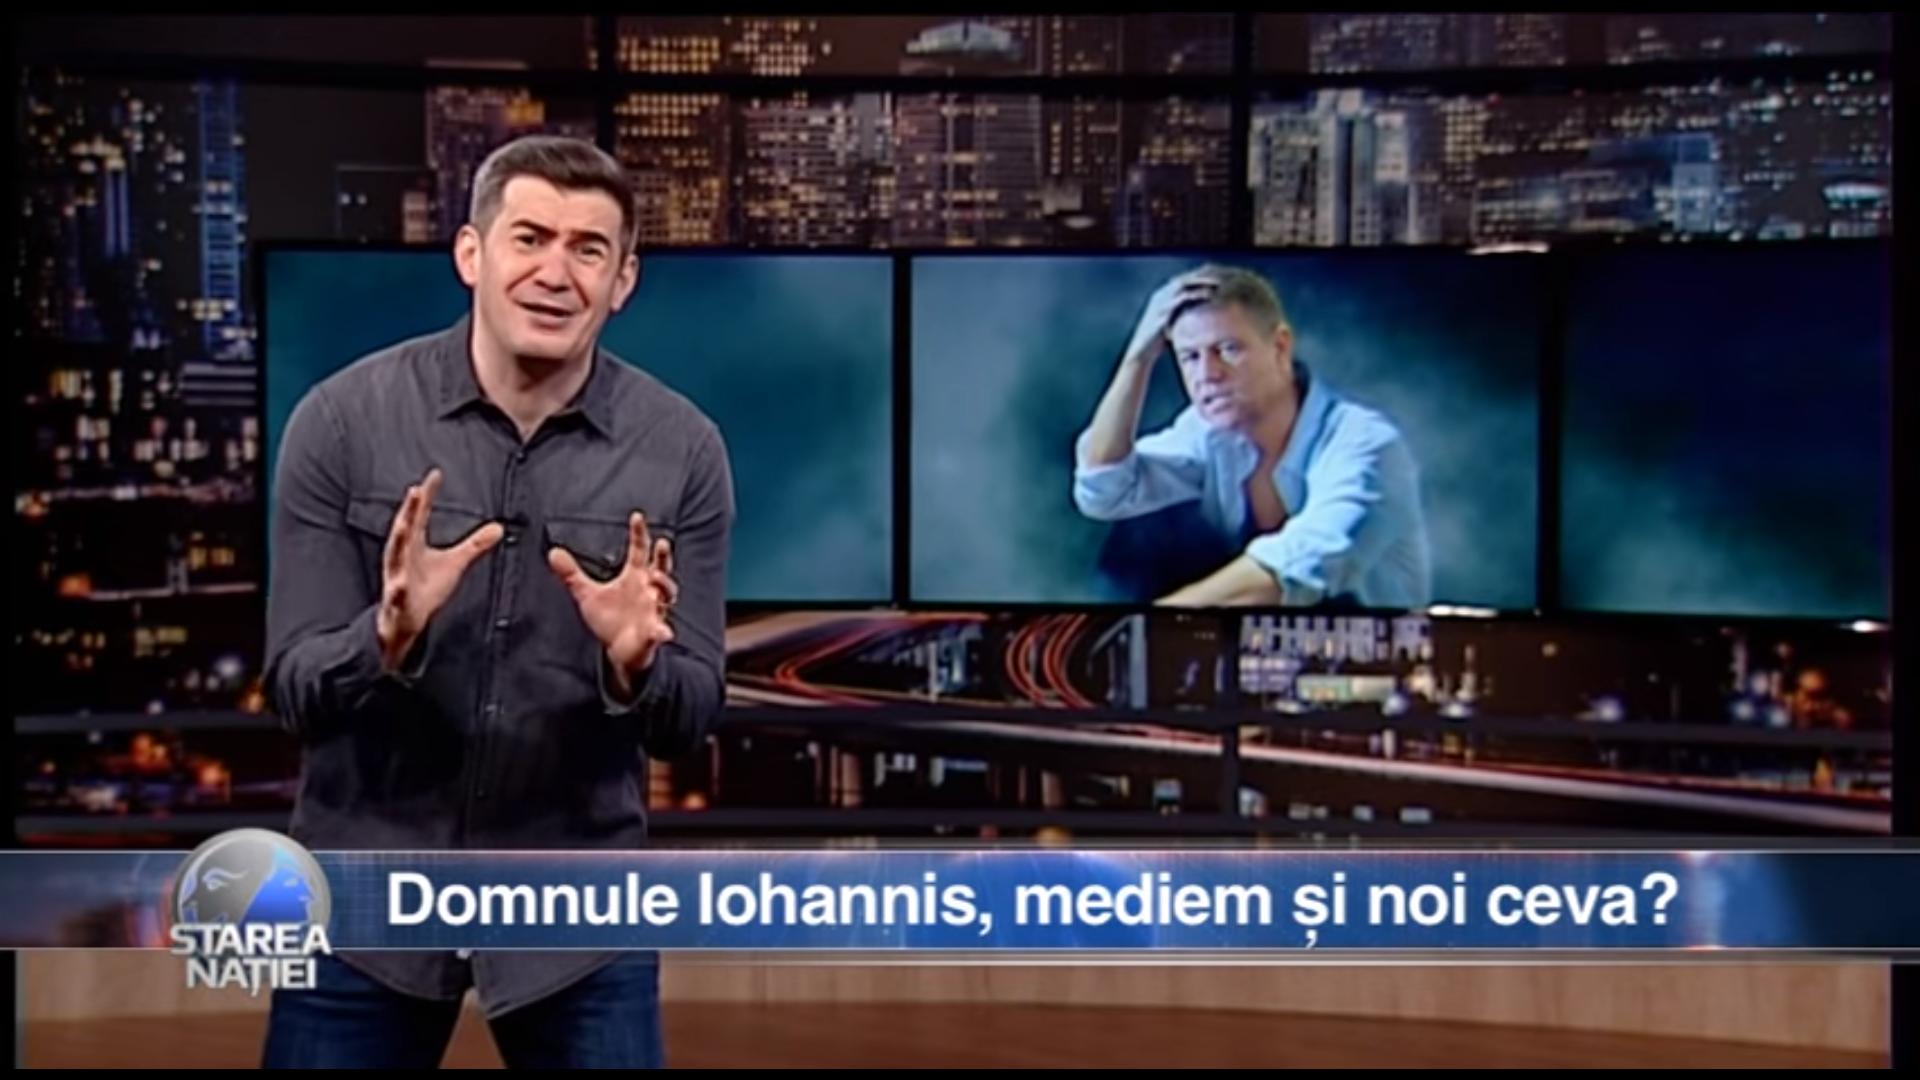 Domnule Iohannis, mediem și noi ceva?